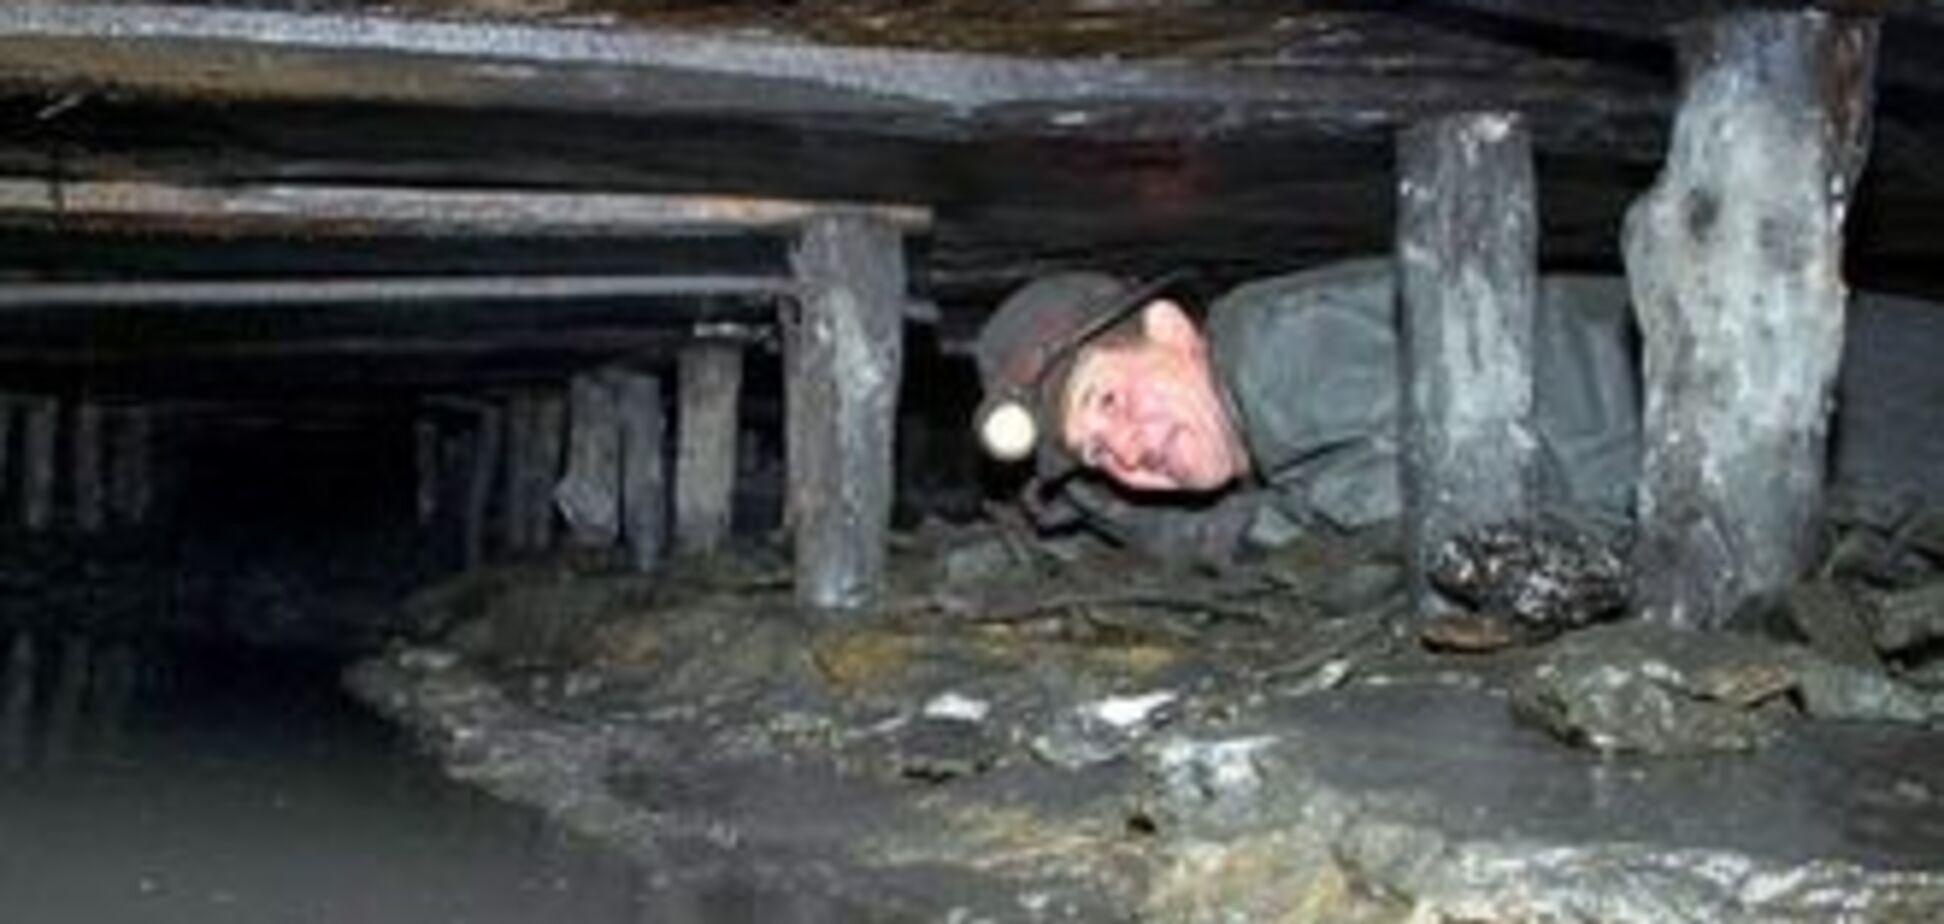 Рекетири вимагають гроші у сімей загиблих шахтарів